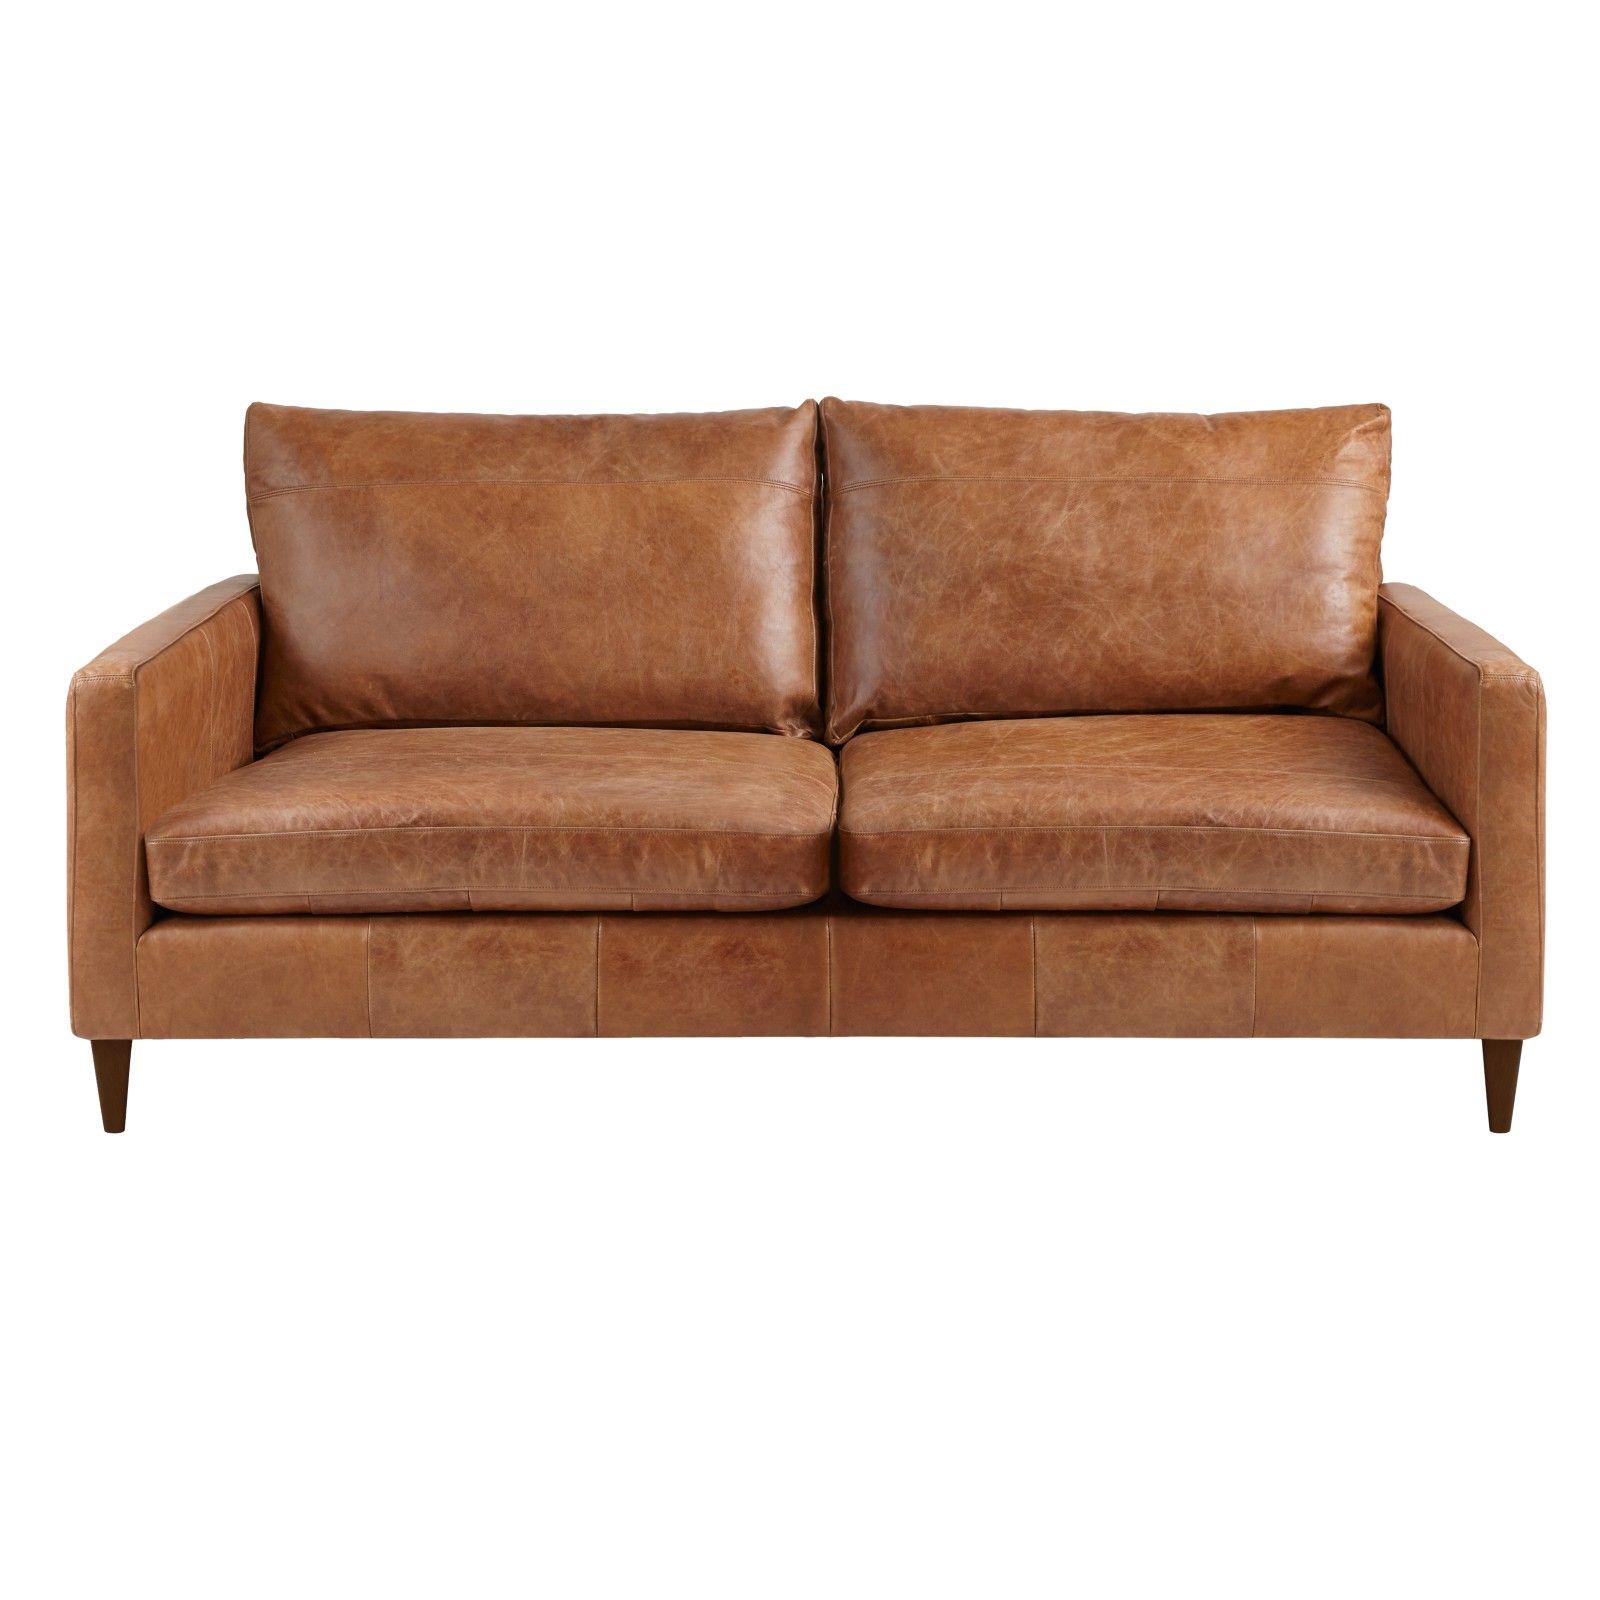 9e2490fc5fb John Lewis   Partners Bailey Medium 2 Seater Leather Sofa